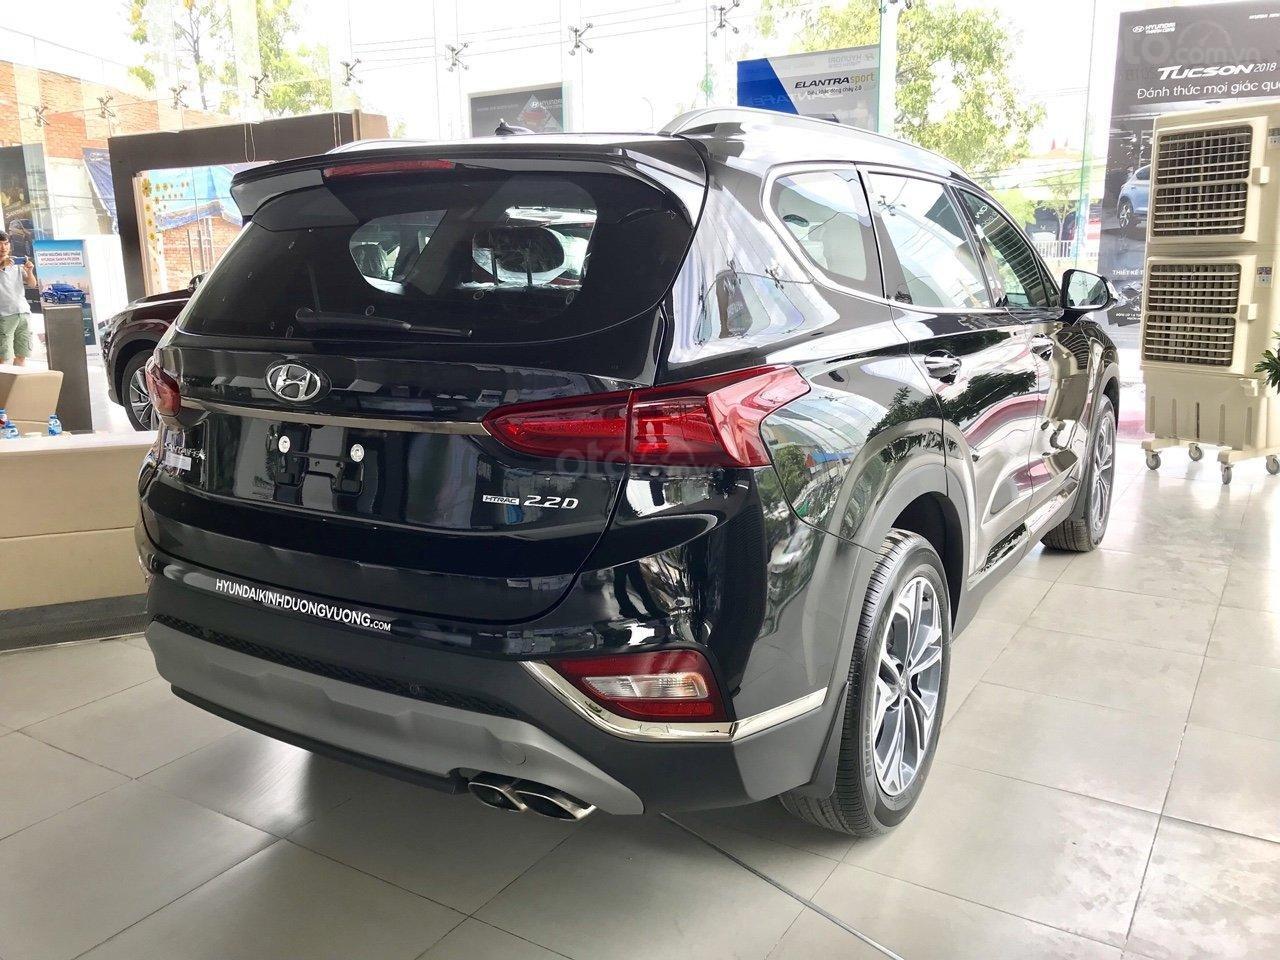 Xả kho Hyundai Santa Fe dầu đặc biệt màu đen + hỗ trợ trả trước 370tr tậu xe (3)